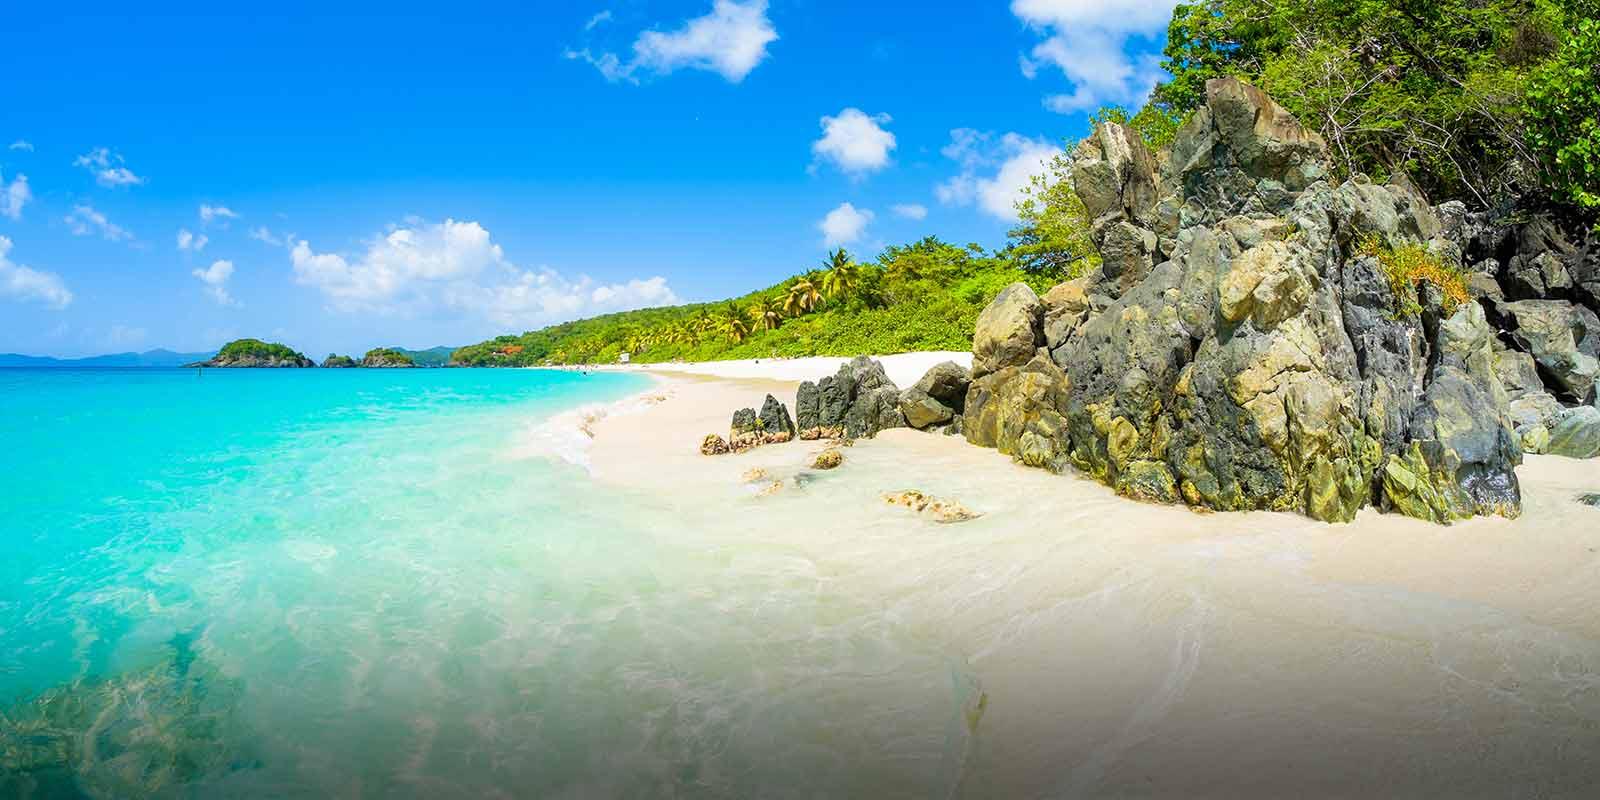 Vit strand i Karibien